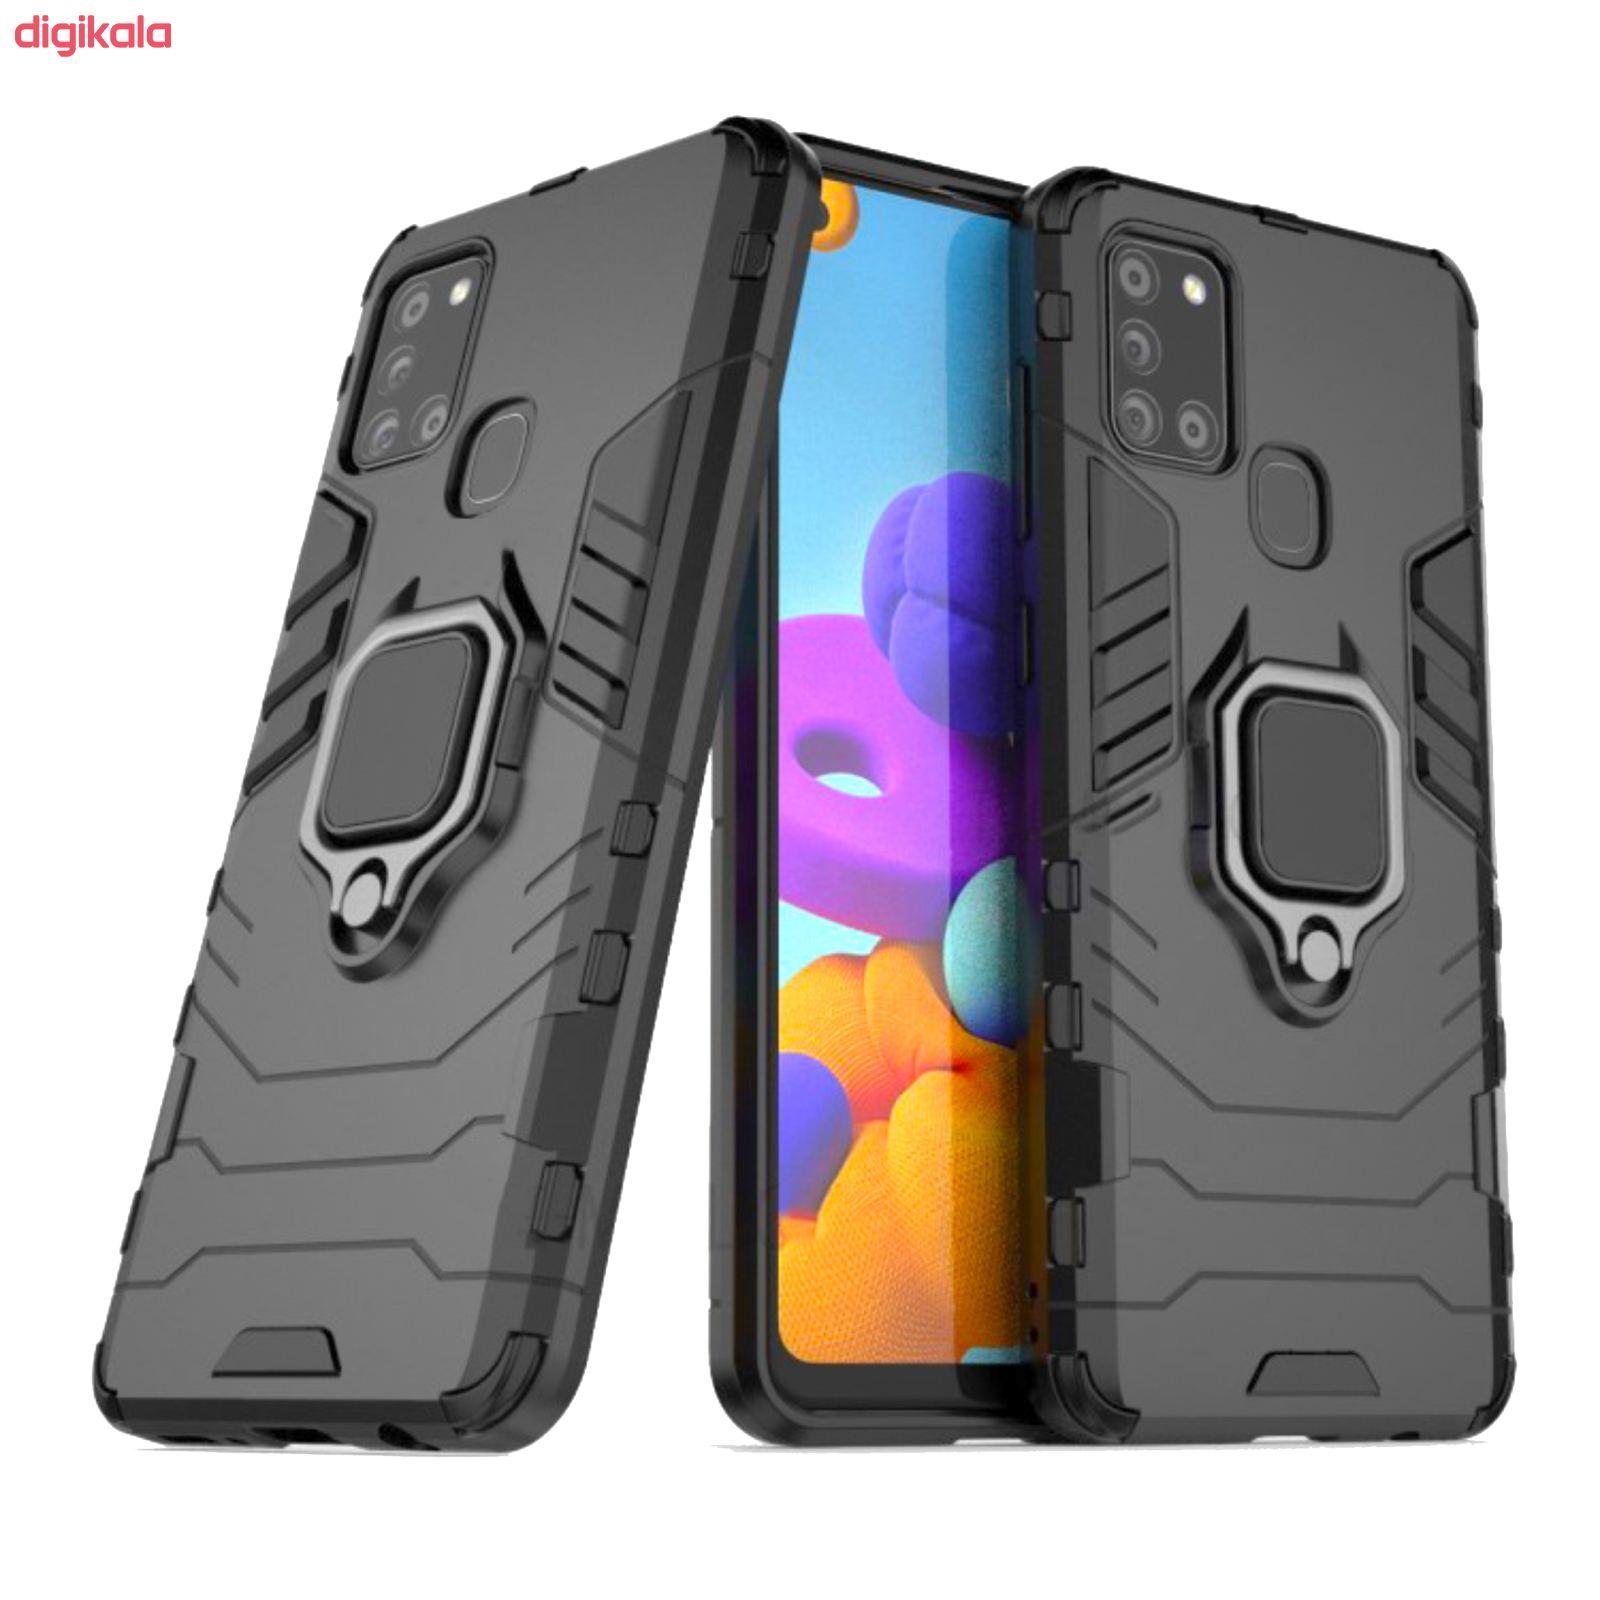 کاور مدل DEF02 مناسب برای گوشی موبایل سامسونگ Galaxy A21s main 1 2